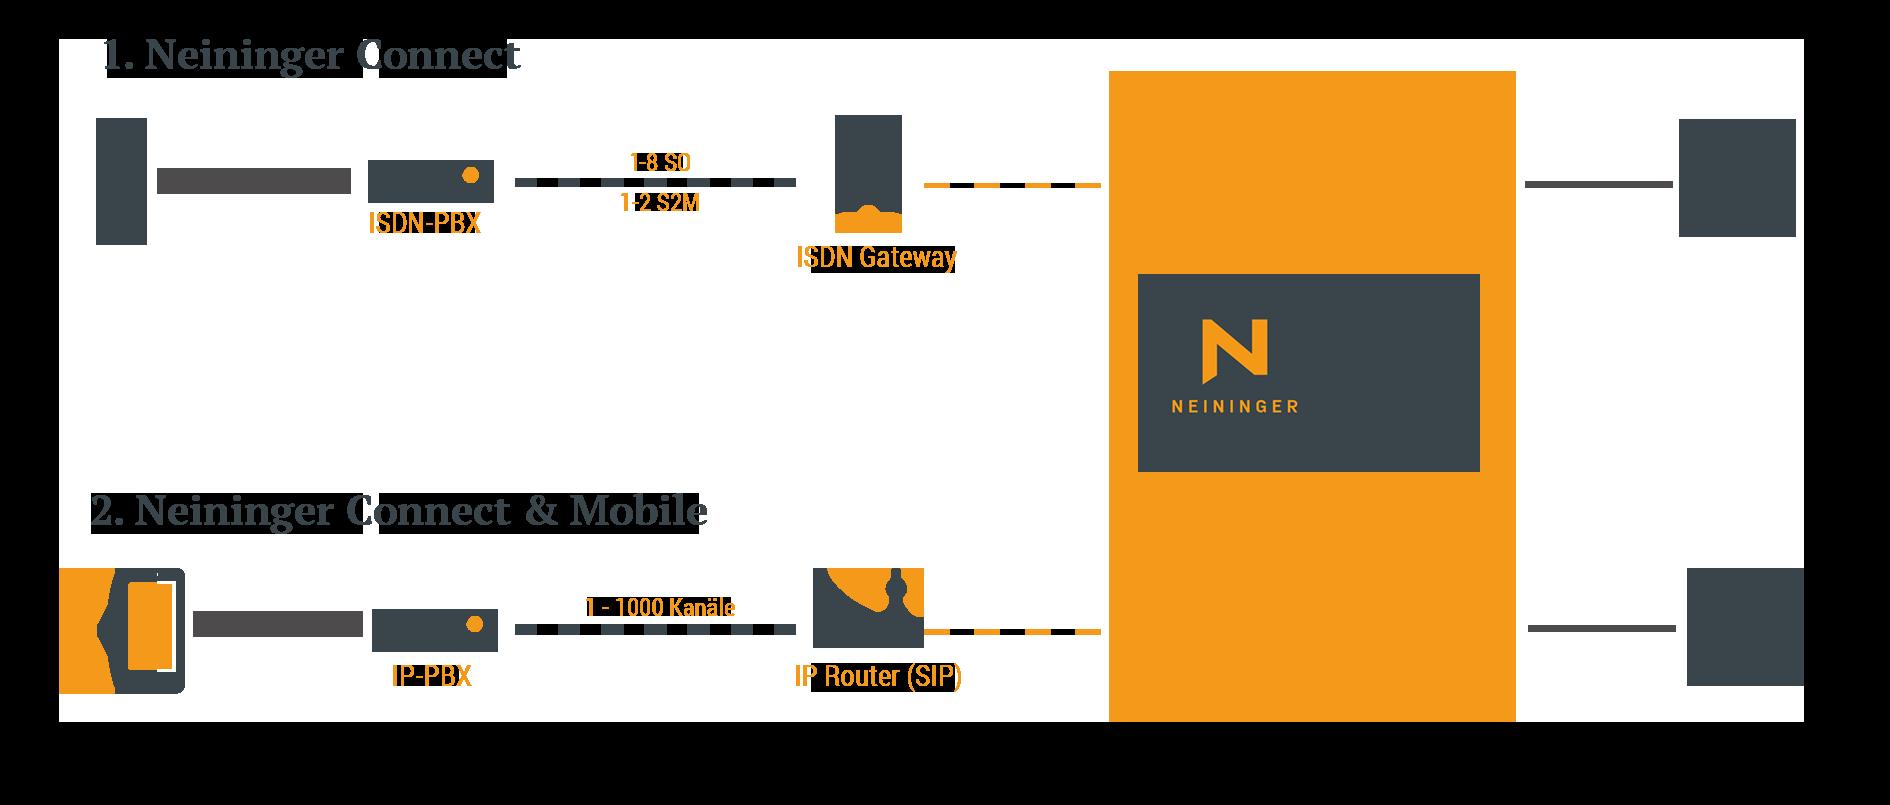 Neininger CONNECT Grafik - Zusammenspiel der Komponenten